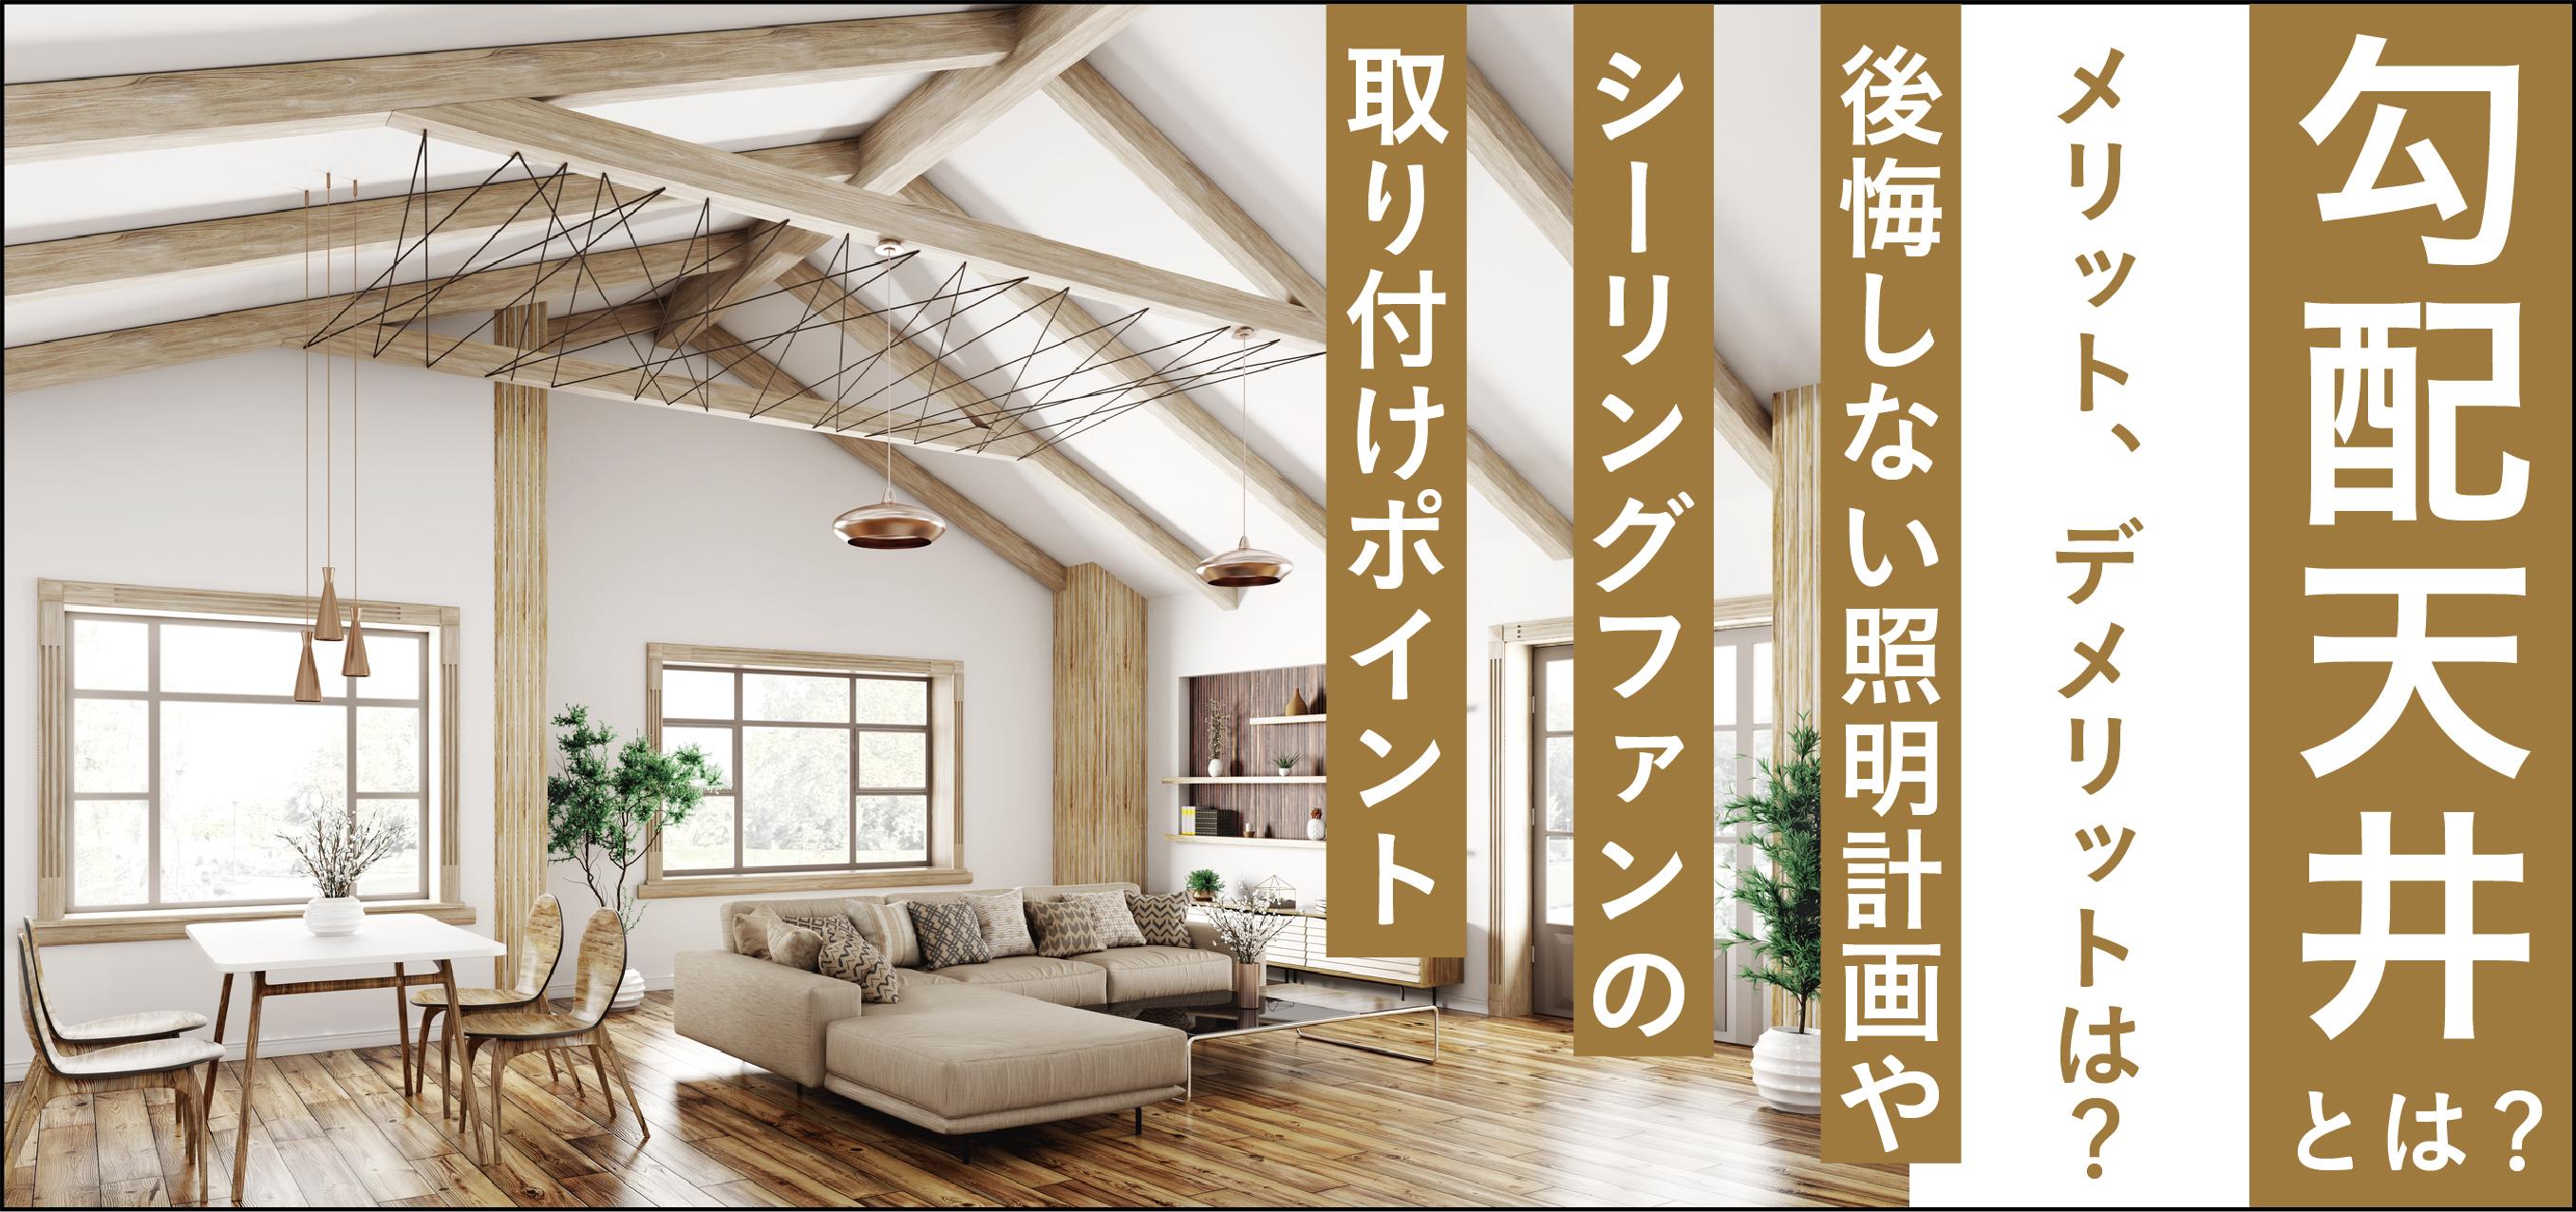 勾配天井とは?勾配天井の家のメリット、デメリットは?後悔しない照明計画やシーリングファンの取り付けポイント